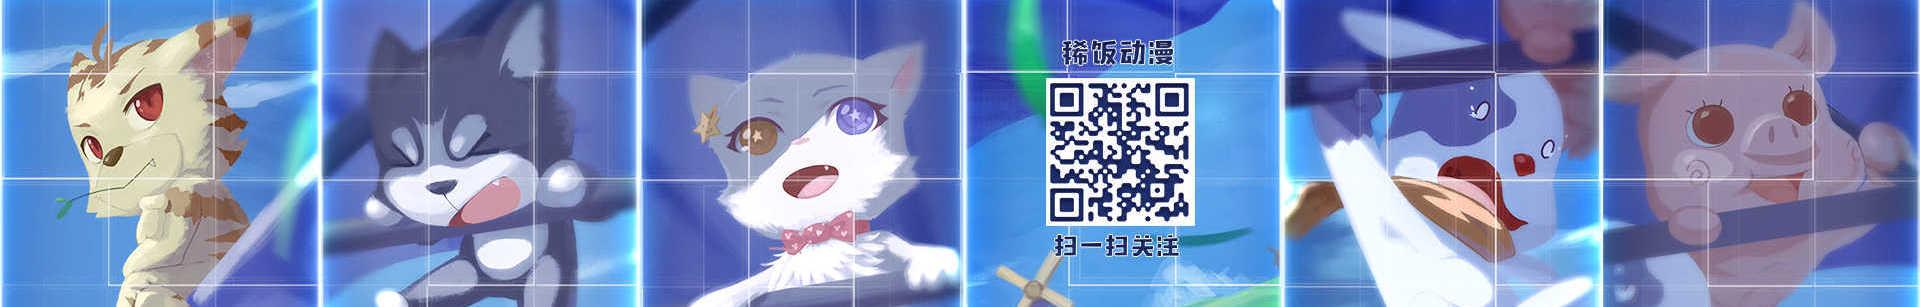 稀饭动漫社 banner